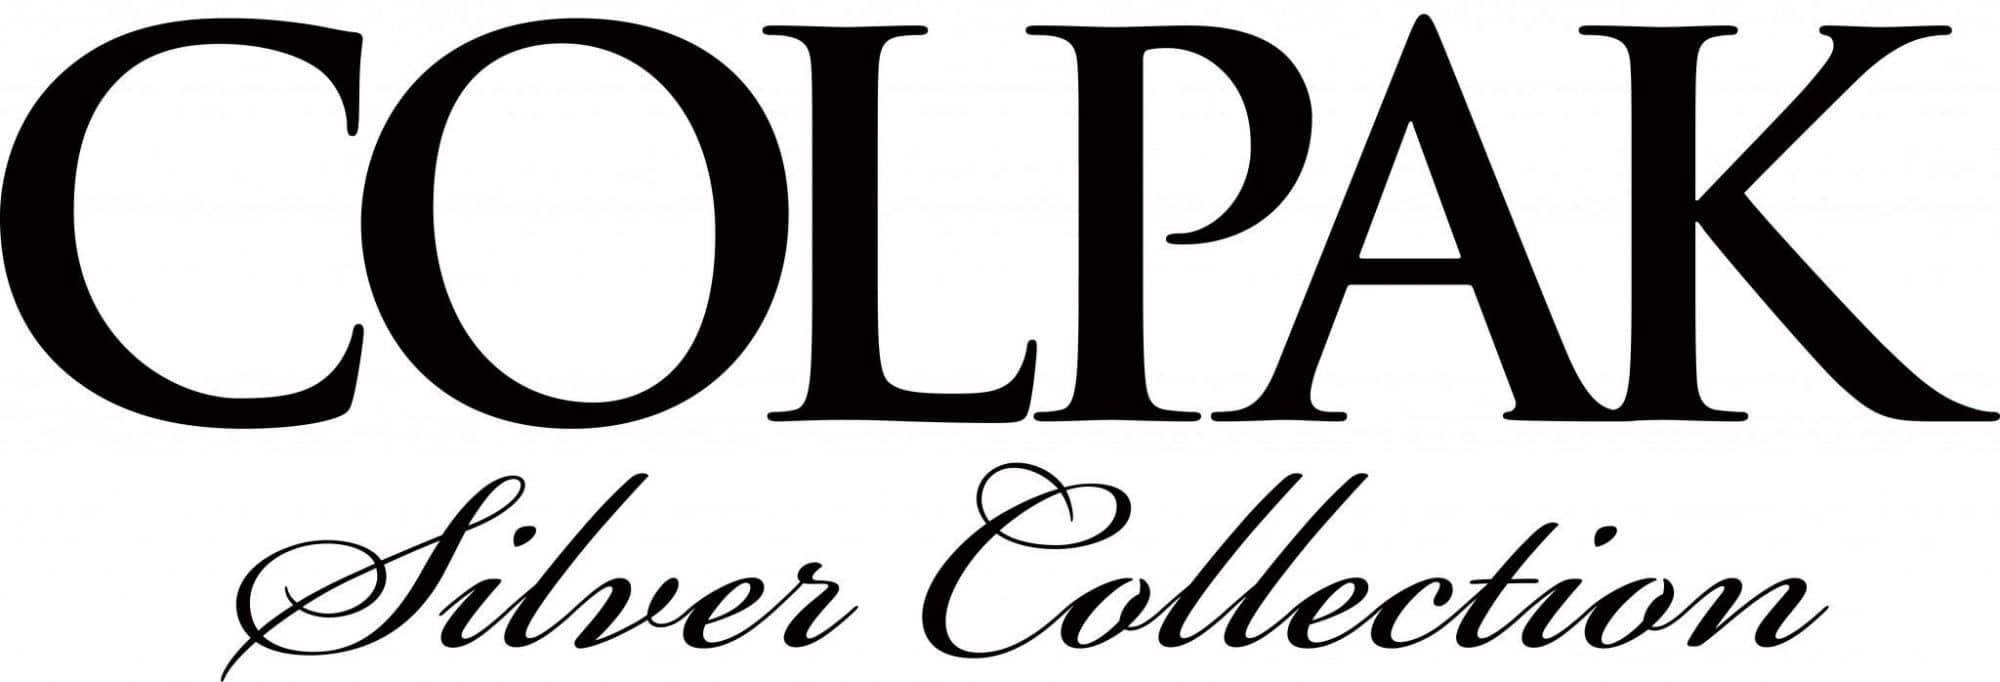 vc_colpak_silverCollection2